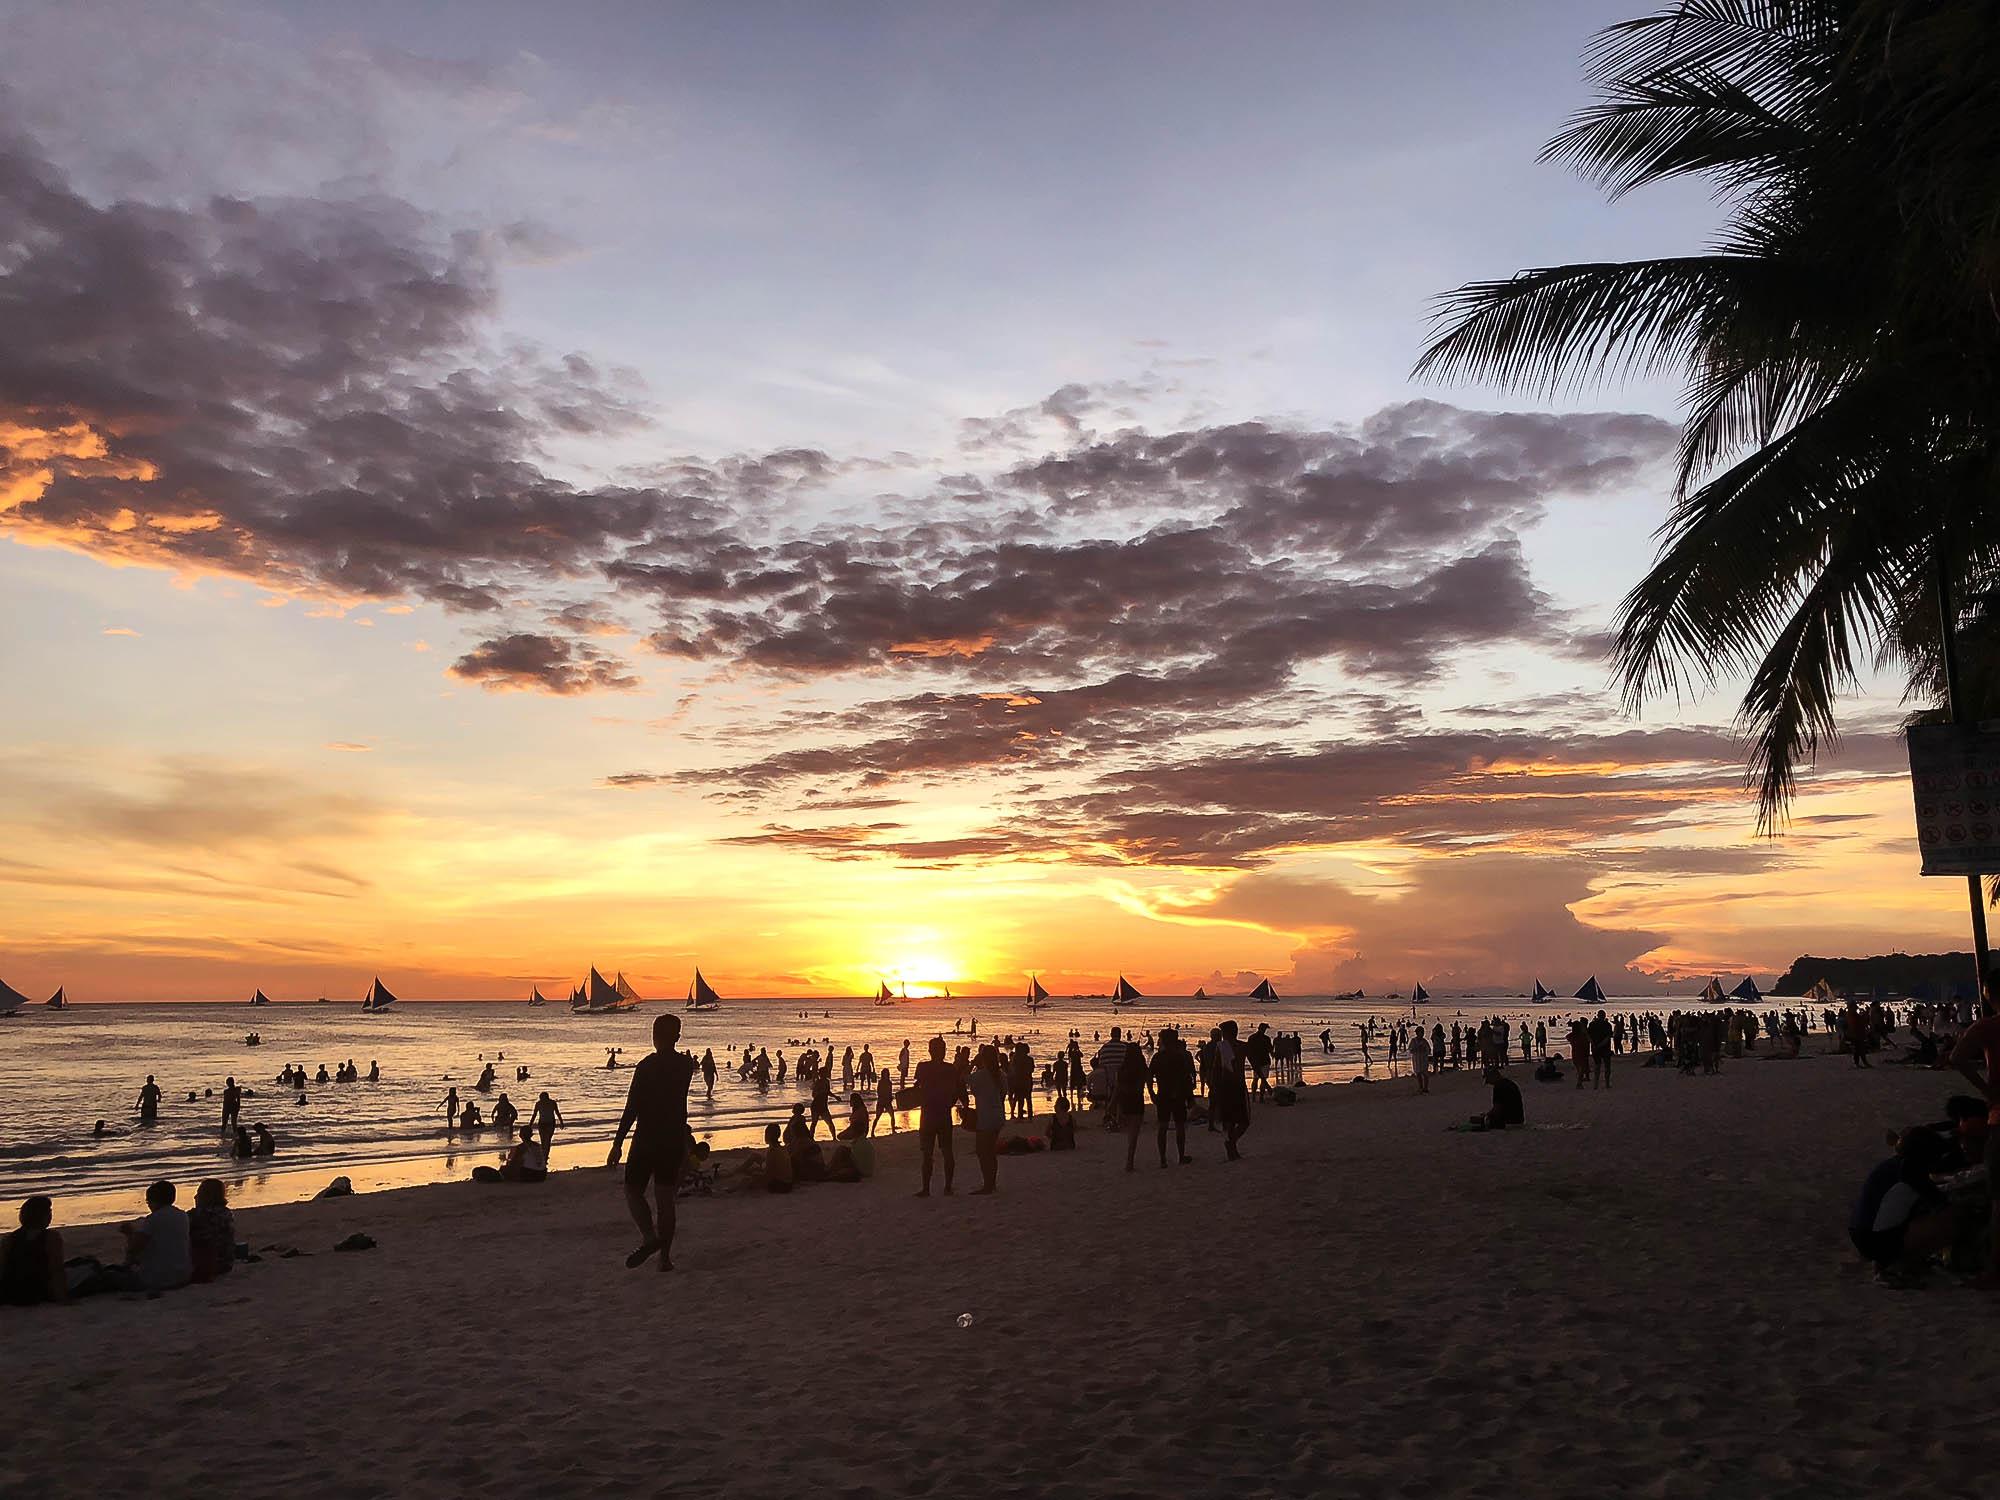 長灘島夕陽沙灘